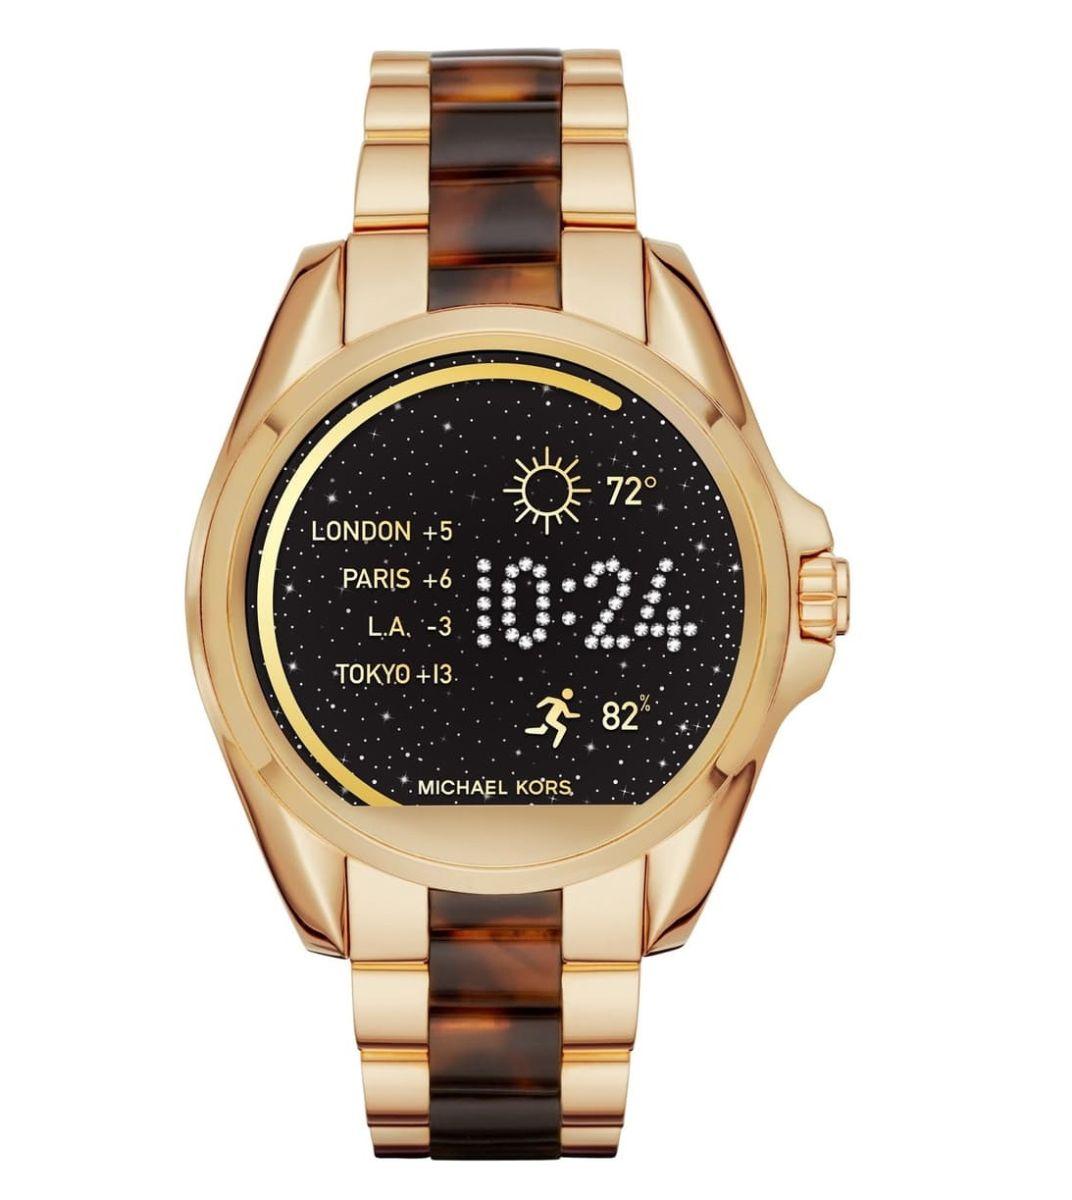 Đồng hồ thông minh đến từ Mỹ của thương hiệu Michael Kors